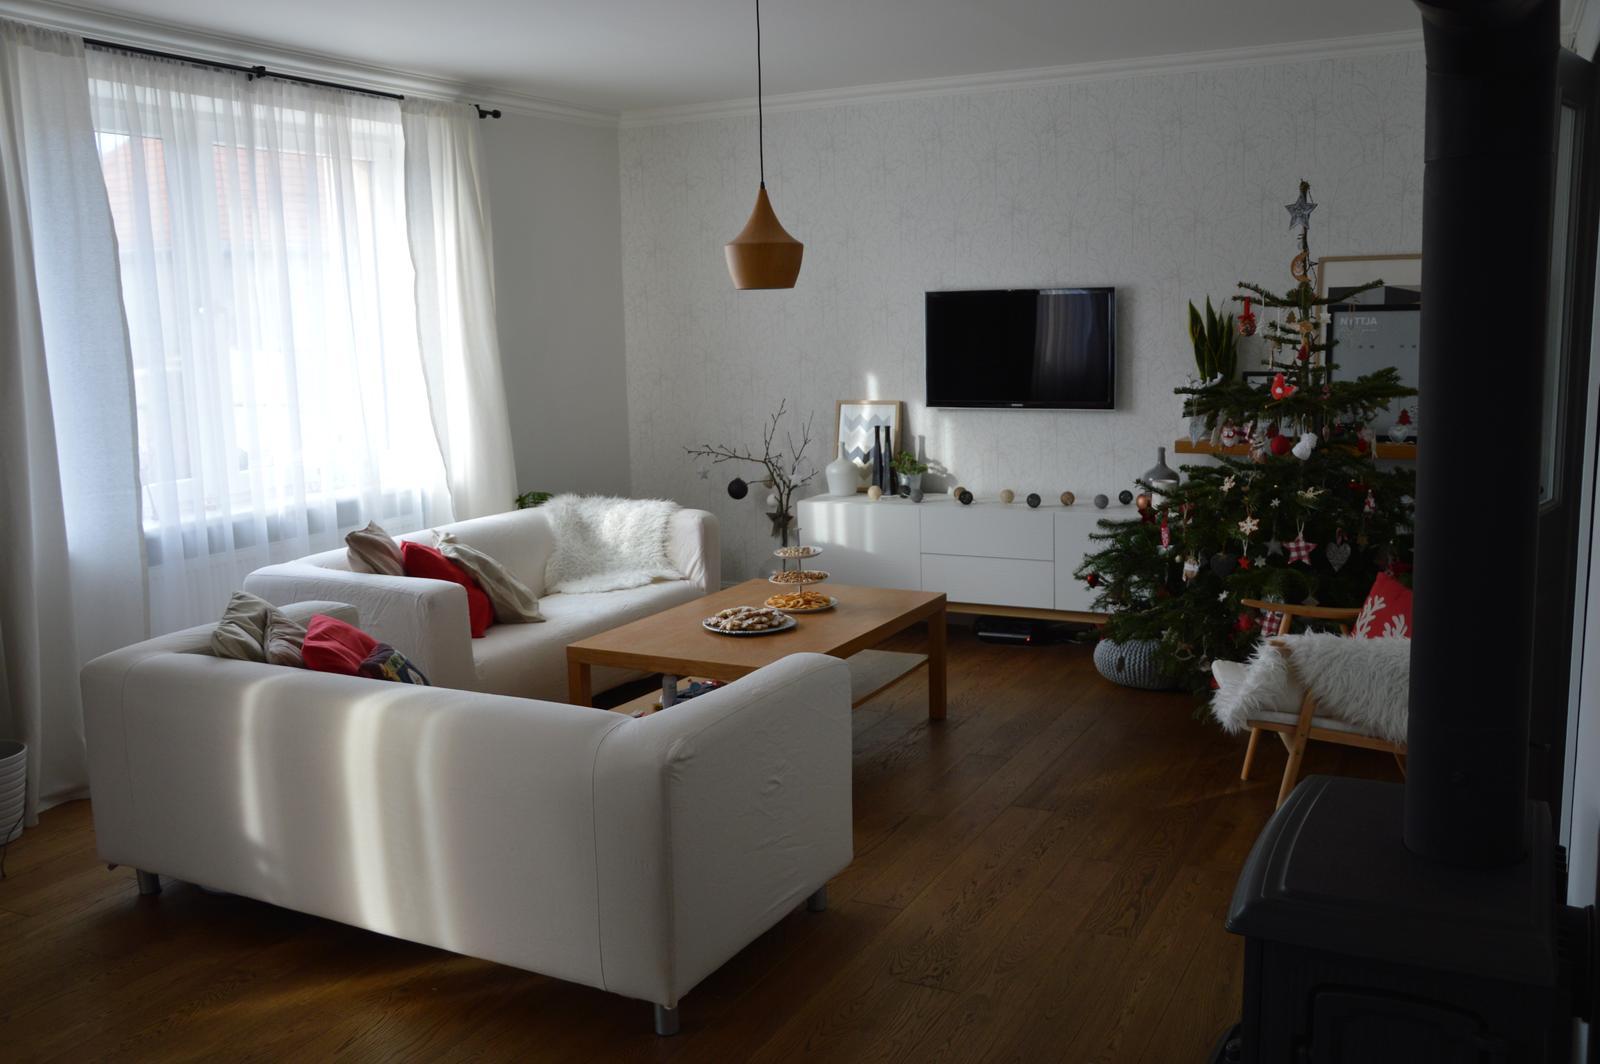 ★☆★Adventný a vianočný čas u nás ... ★☆★ 2015, 2016 - vianočne už u nás aj so starými poťahmi :-) úplne iná obývačka :-)